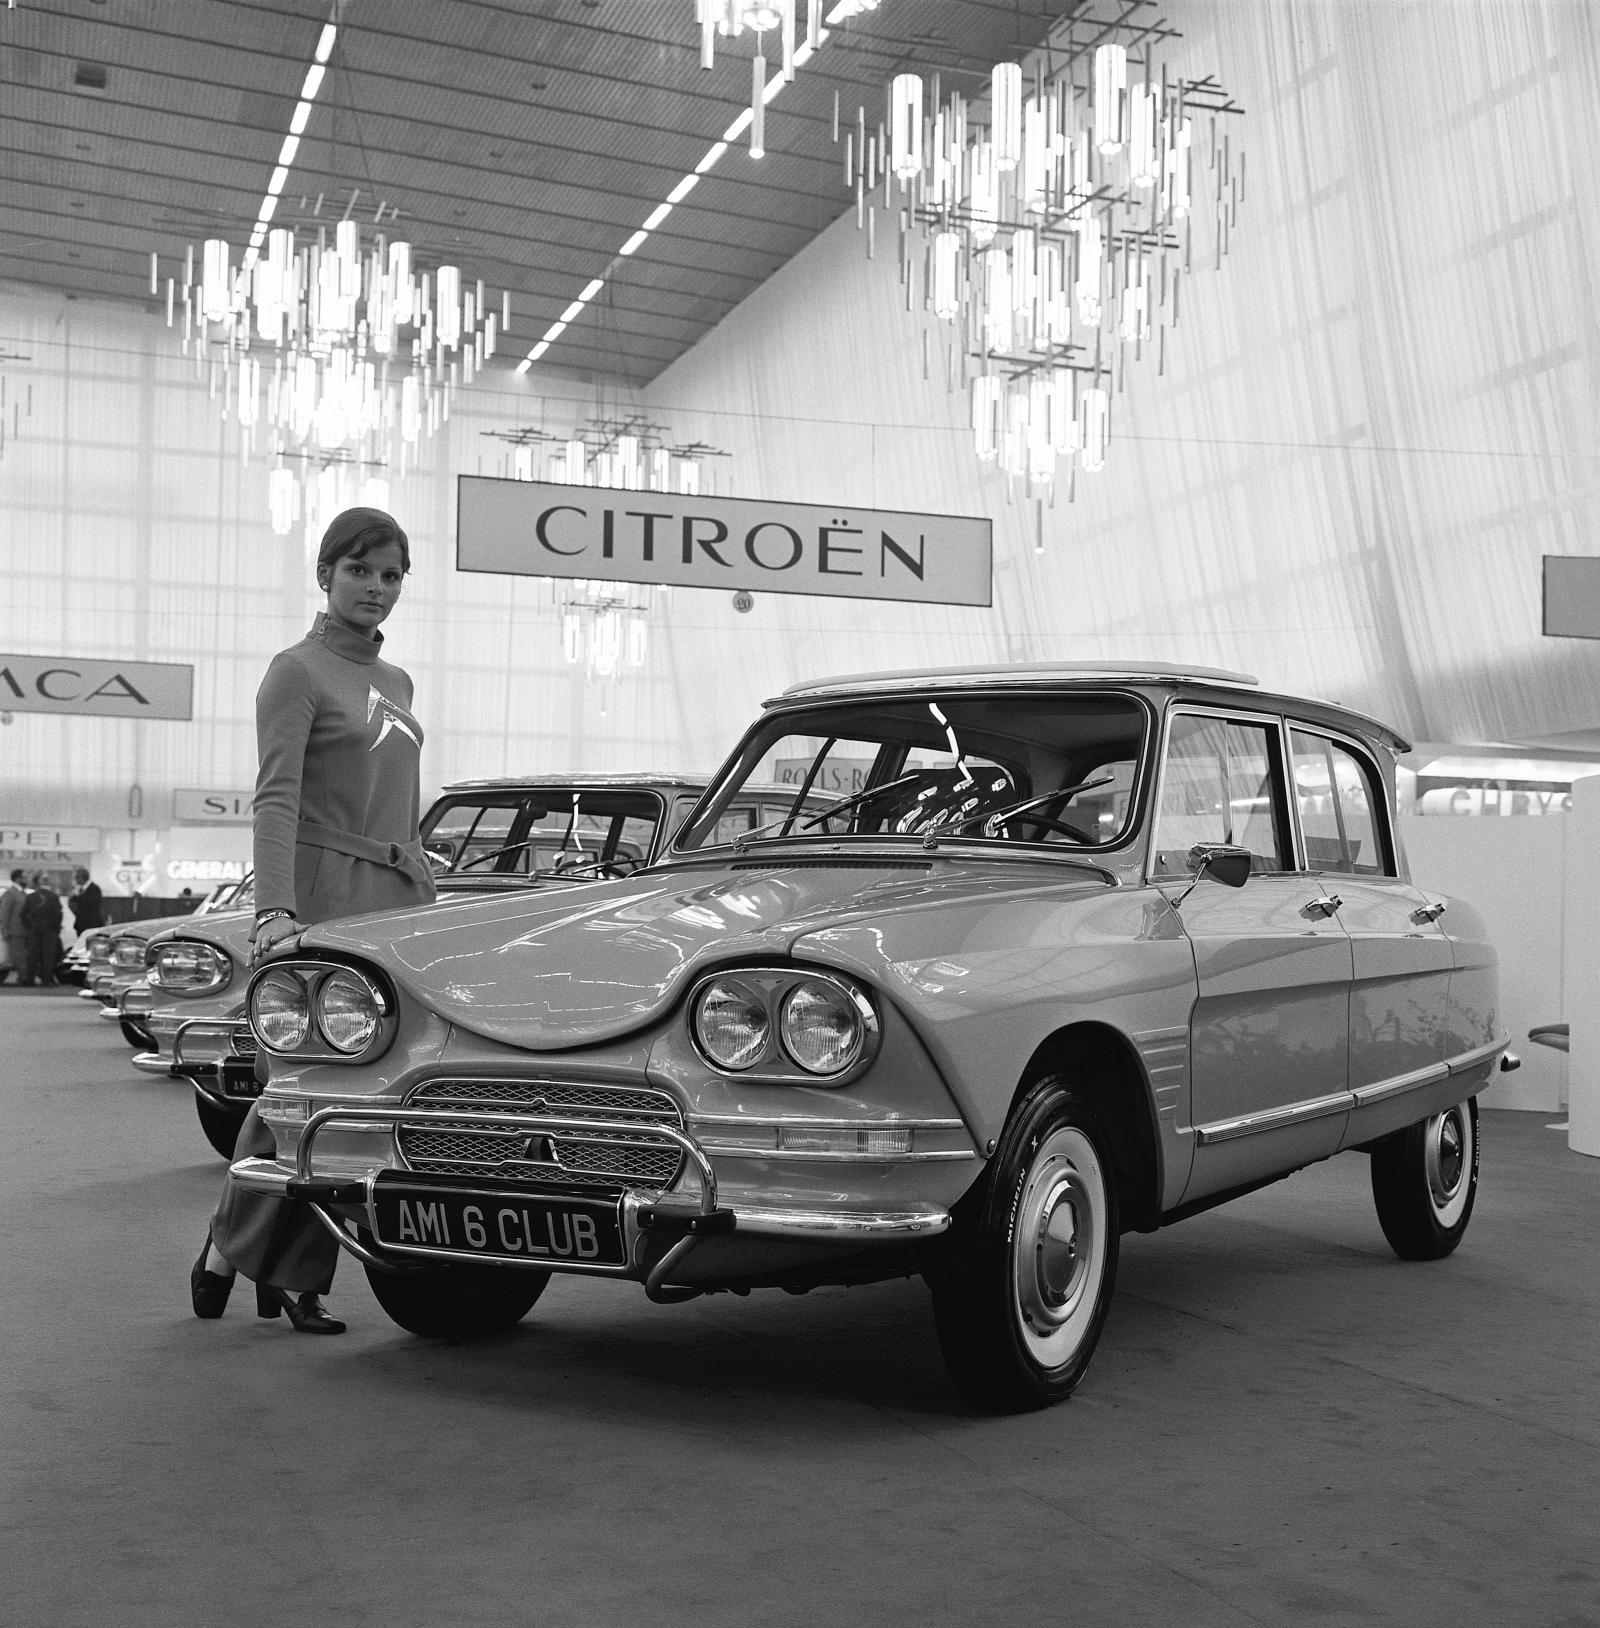 Salon de l'automobile 1966 AMI 6 Club